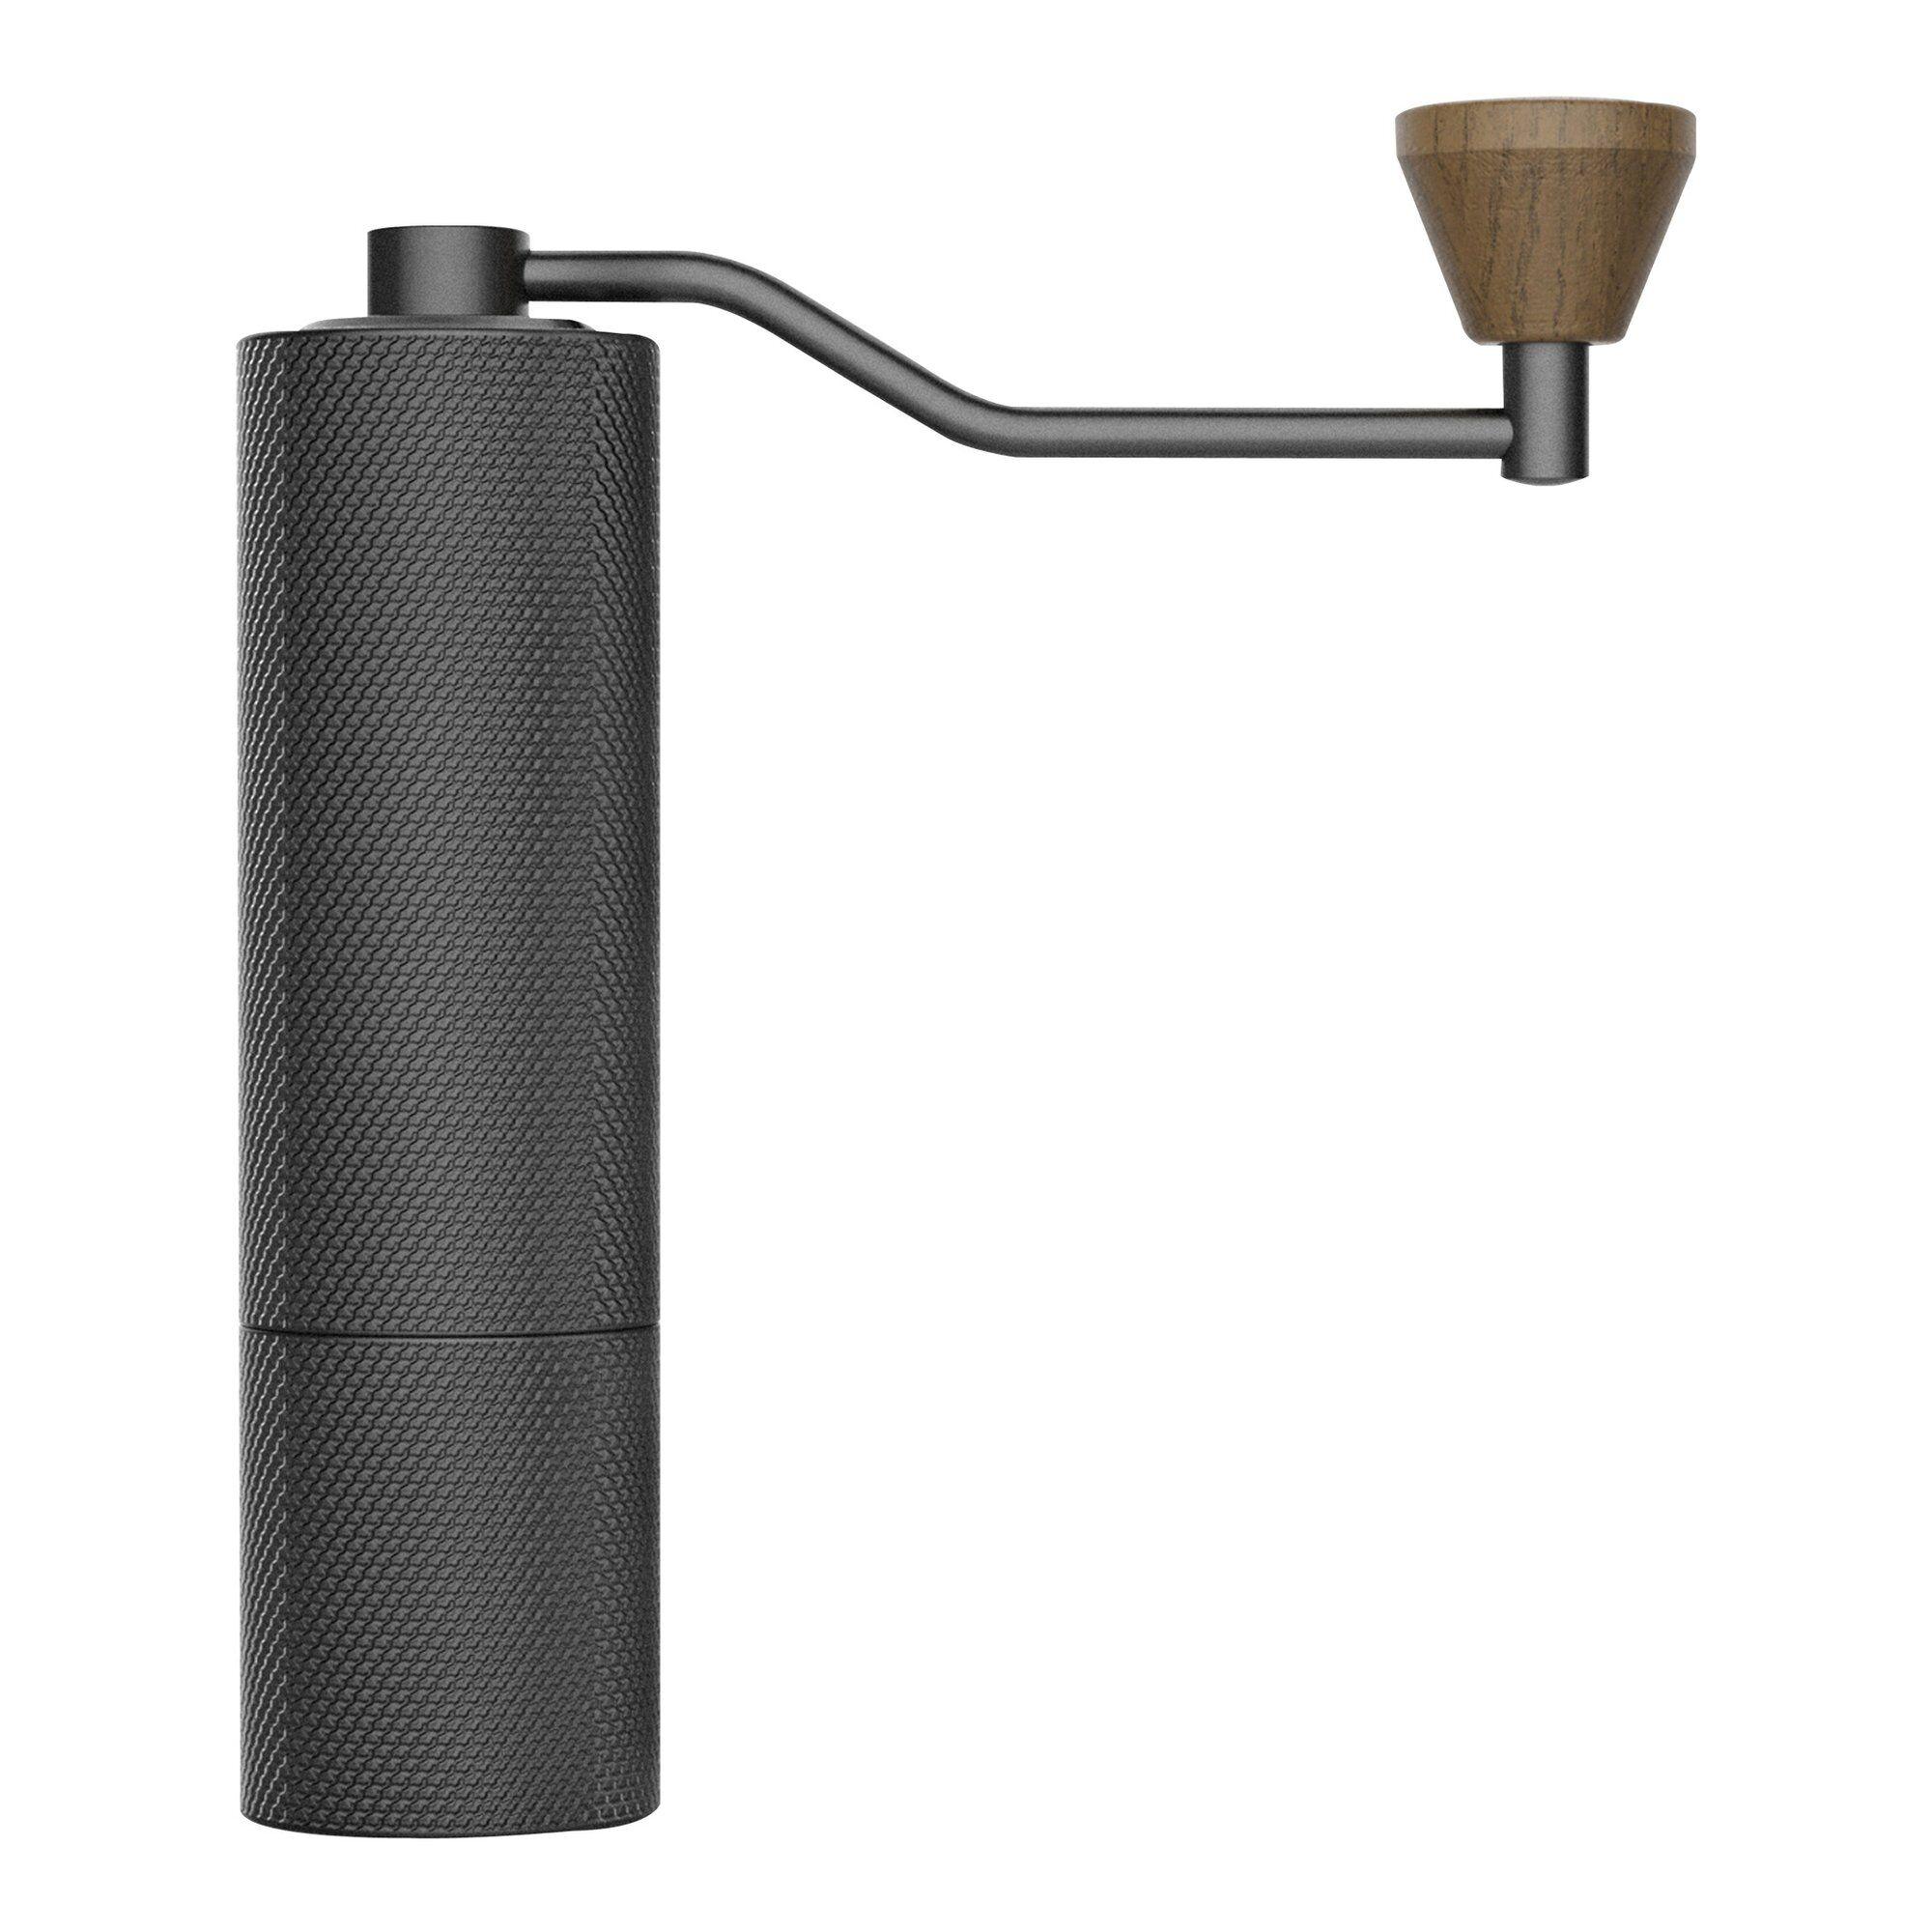 Kaffebox Timemore Slim Plus Coffee Grinder